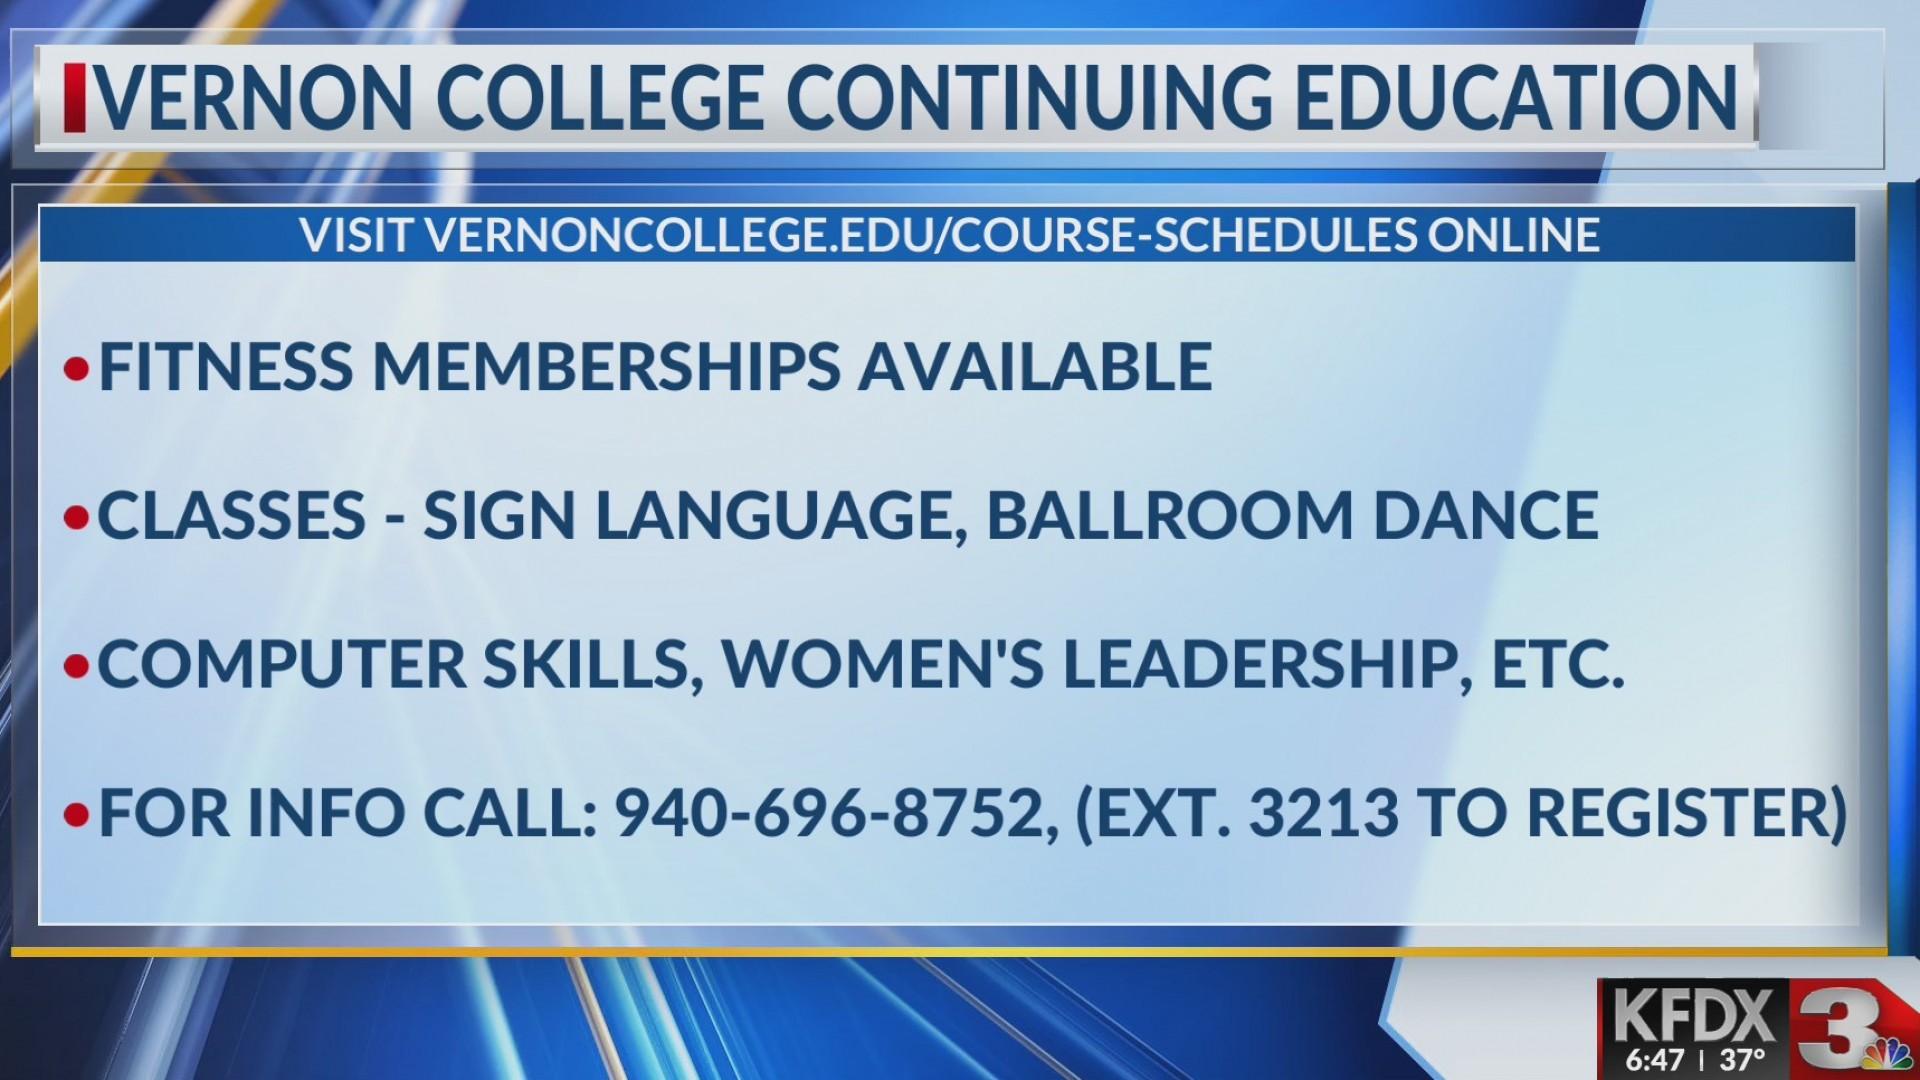 Vernon_College_continuing_education_0_20190212125804